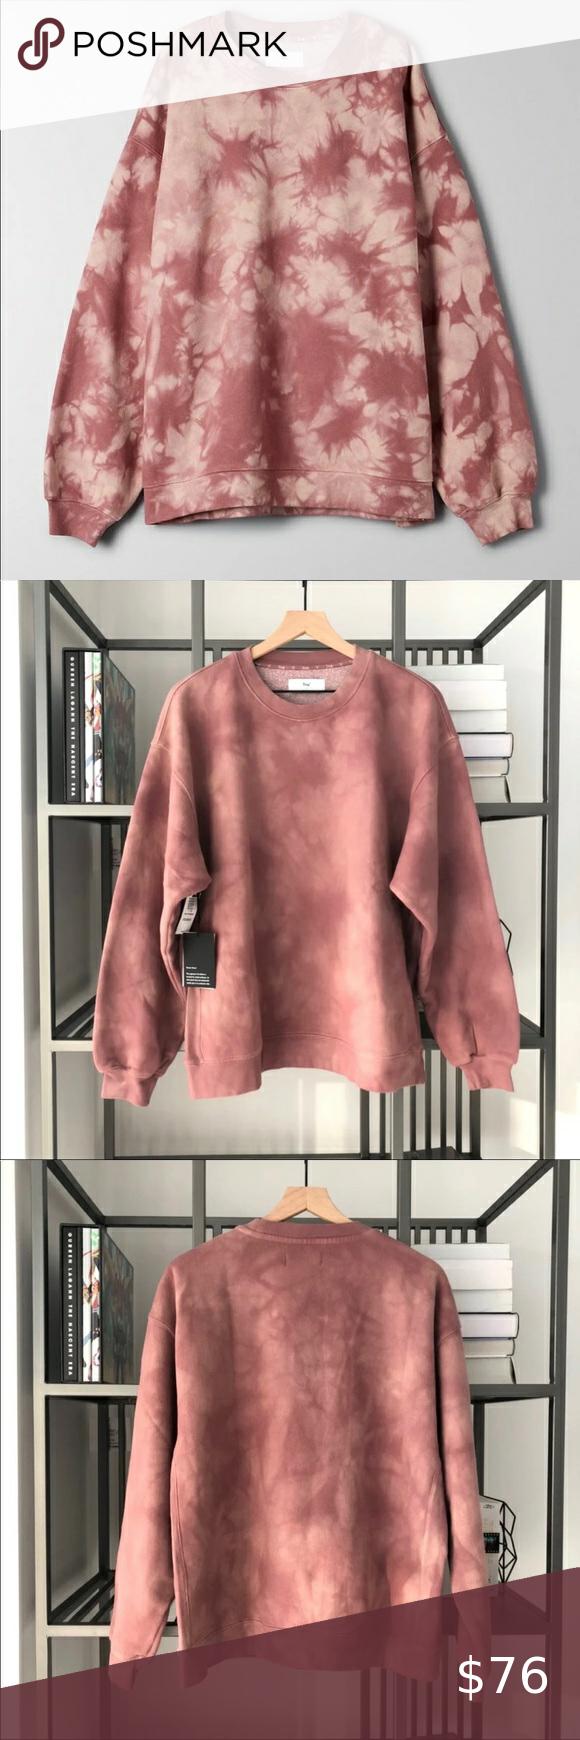 Aritzia Tna Cozyaf Mega Crewneck Sweater Tiedye Sweaters Crew Neck Sweater Sweaters For Women [ 1740 x 580 Pixel ]